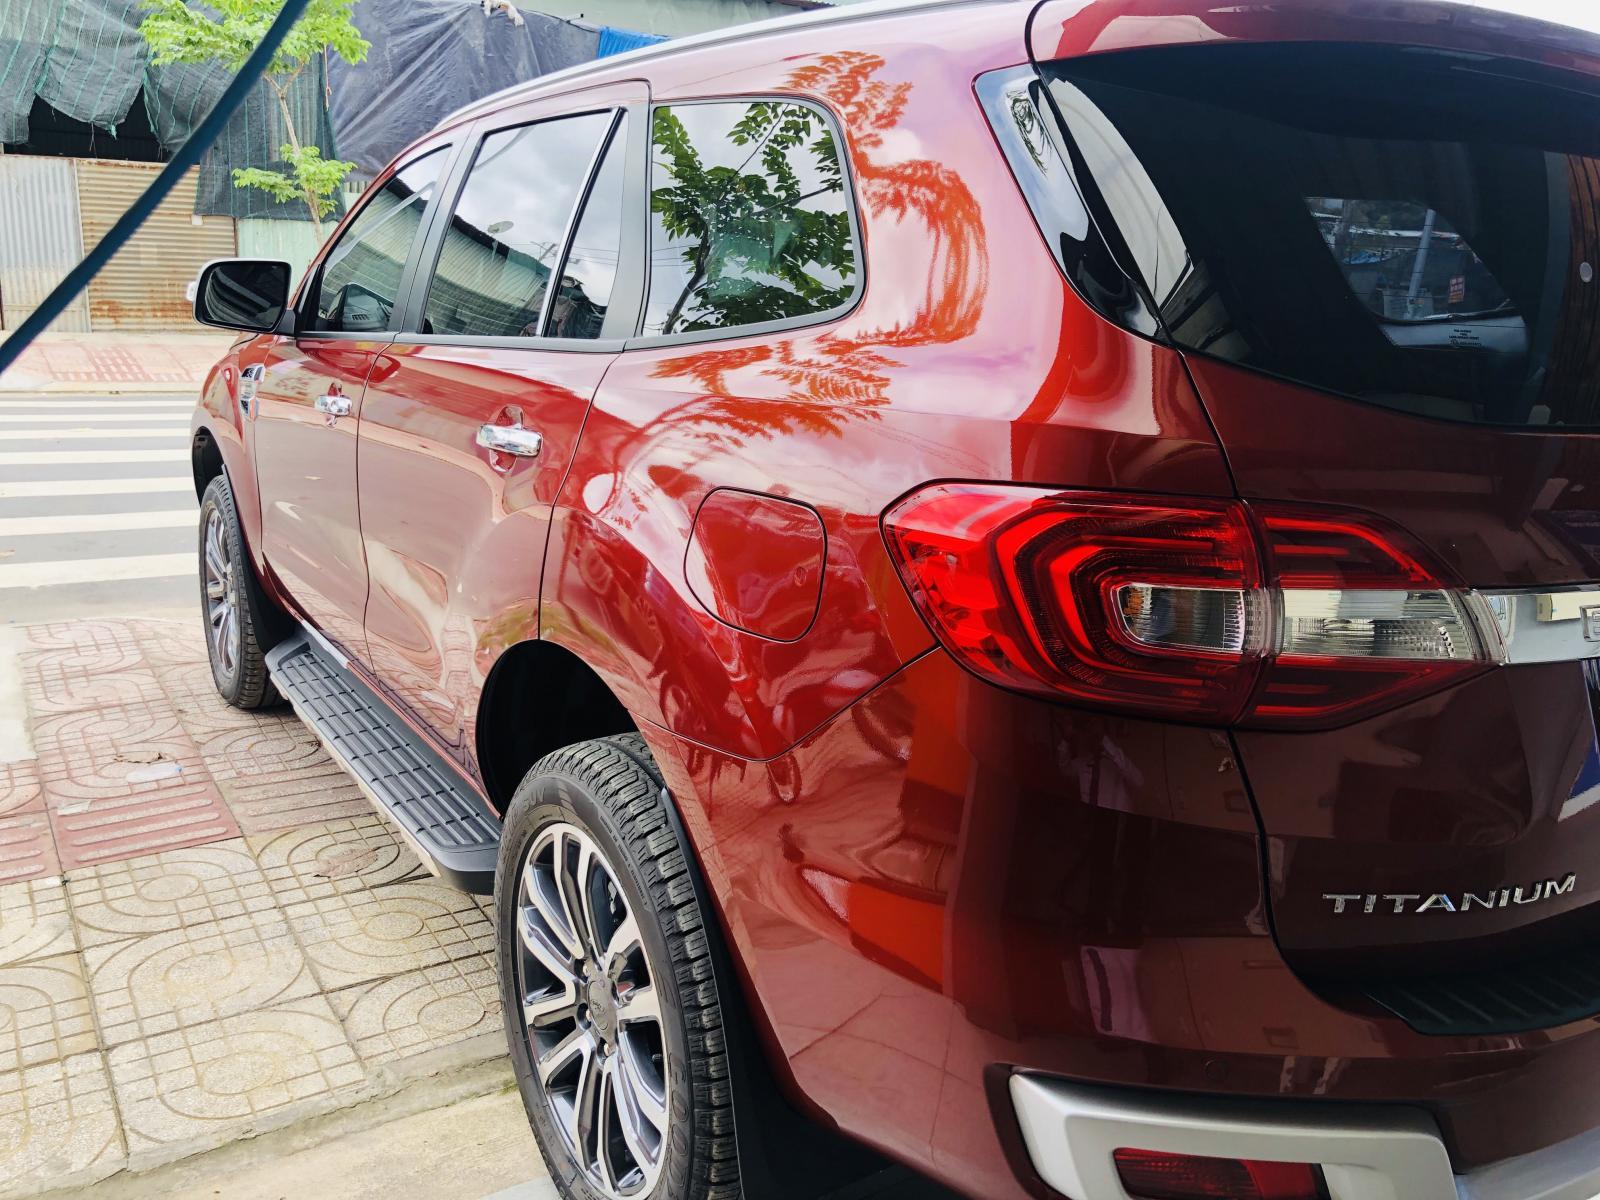 Bán xe Ford Everest đăng ký lần đầu 2018, màu đỏ, xe gia đình. Giá chỉ 1 tỷ 310 triệu đồng